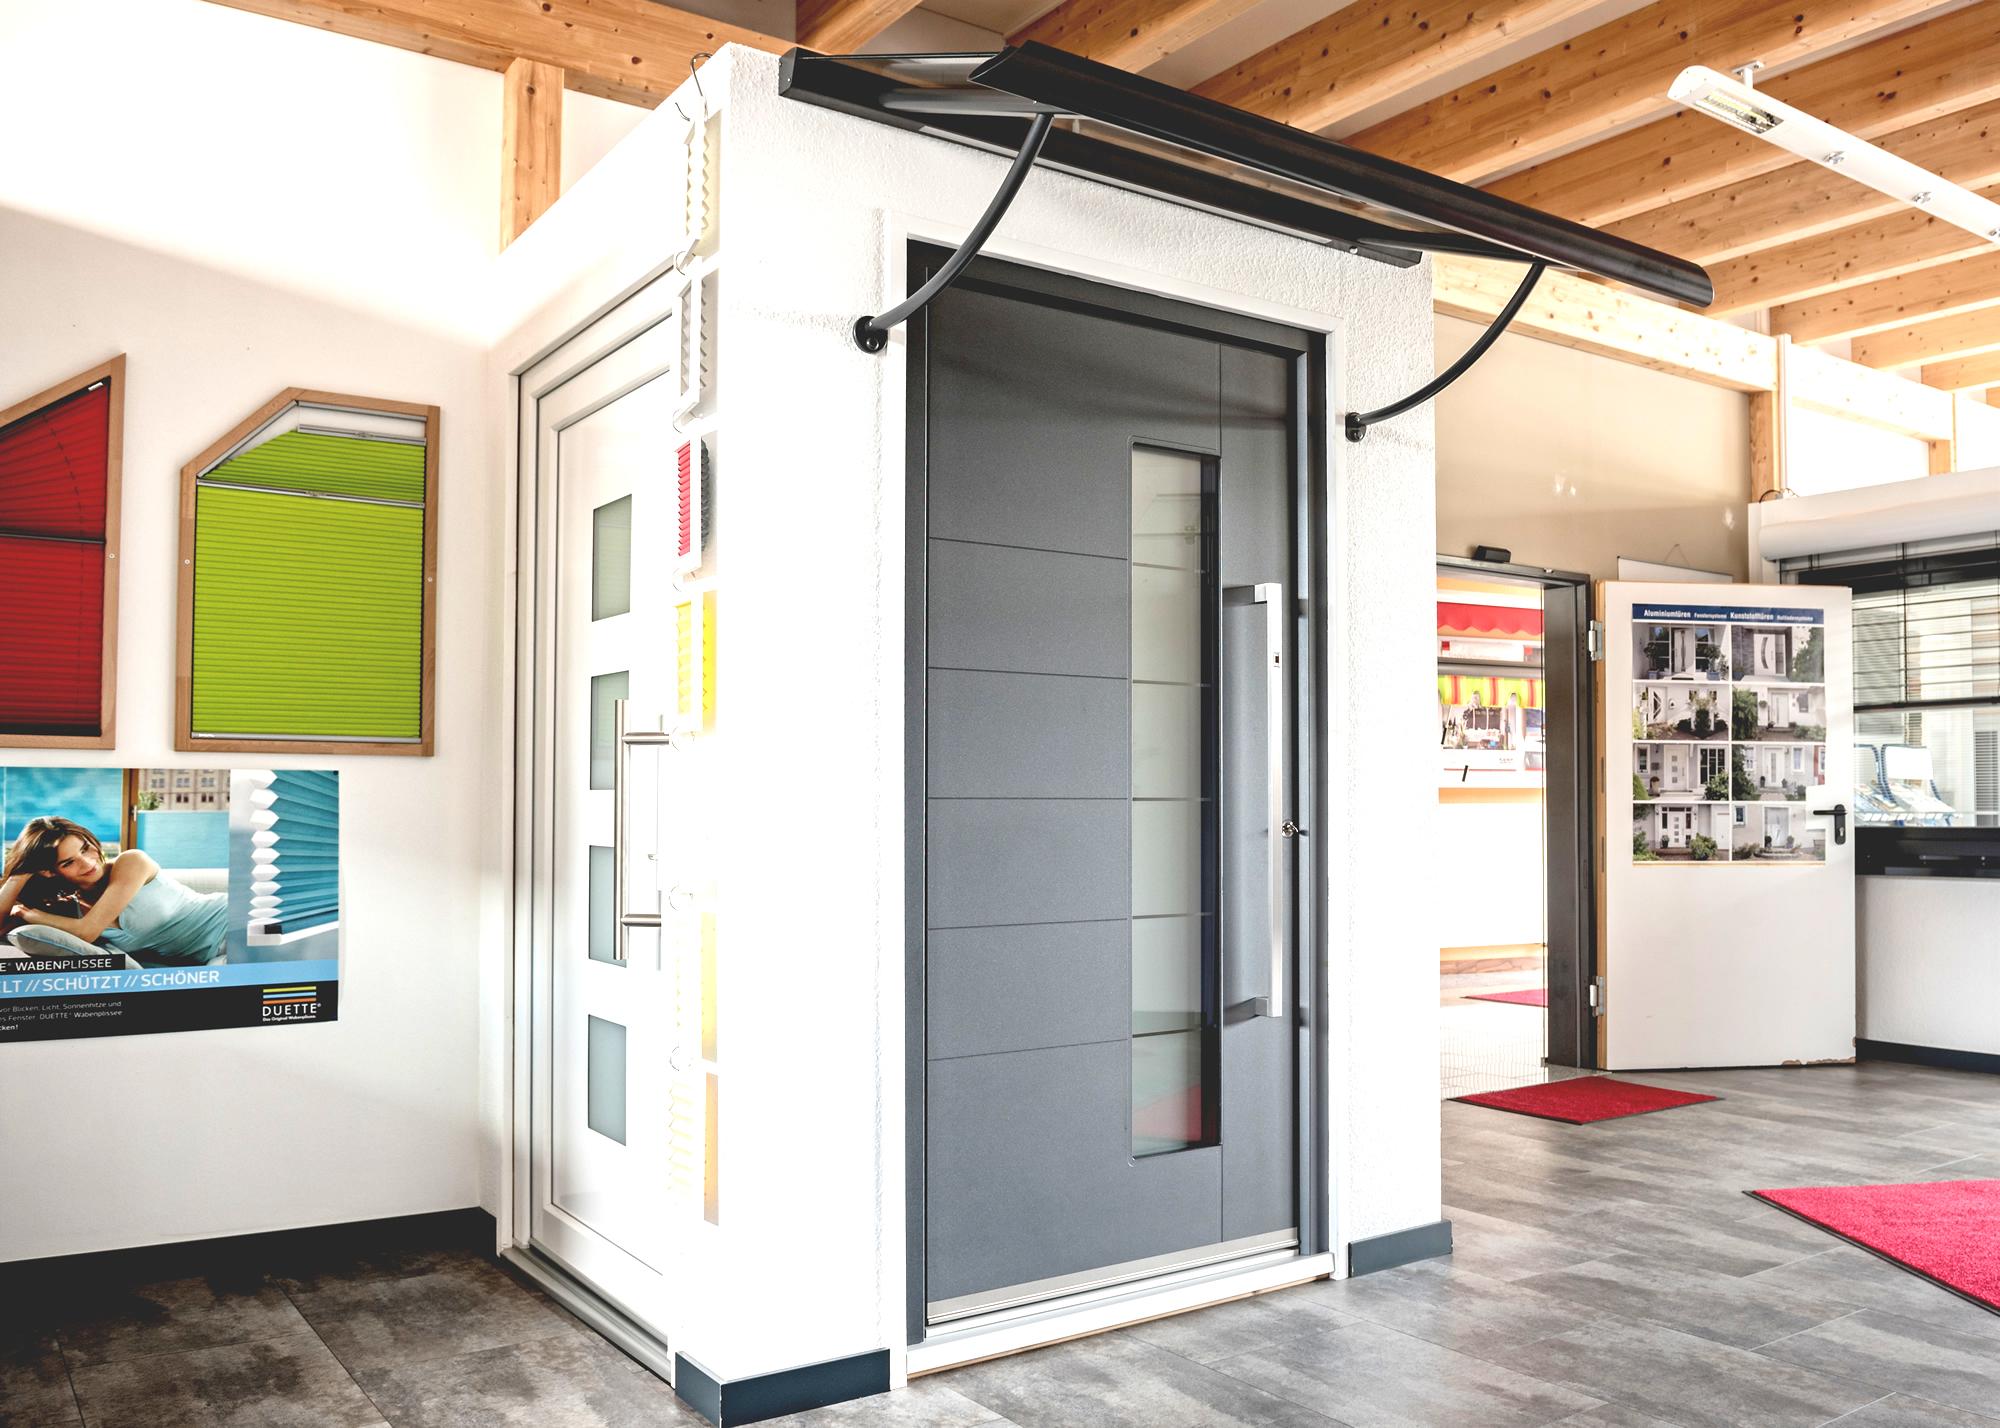 ausstellung bauelemente kuhl ihr t ren profi. Black Bedroom Furniture Sets. Home Design Ideas